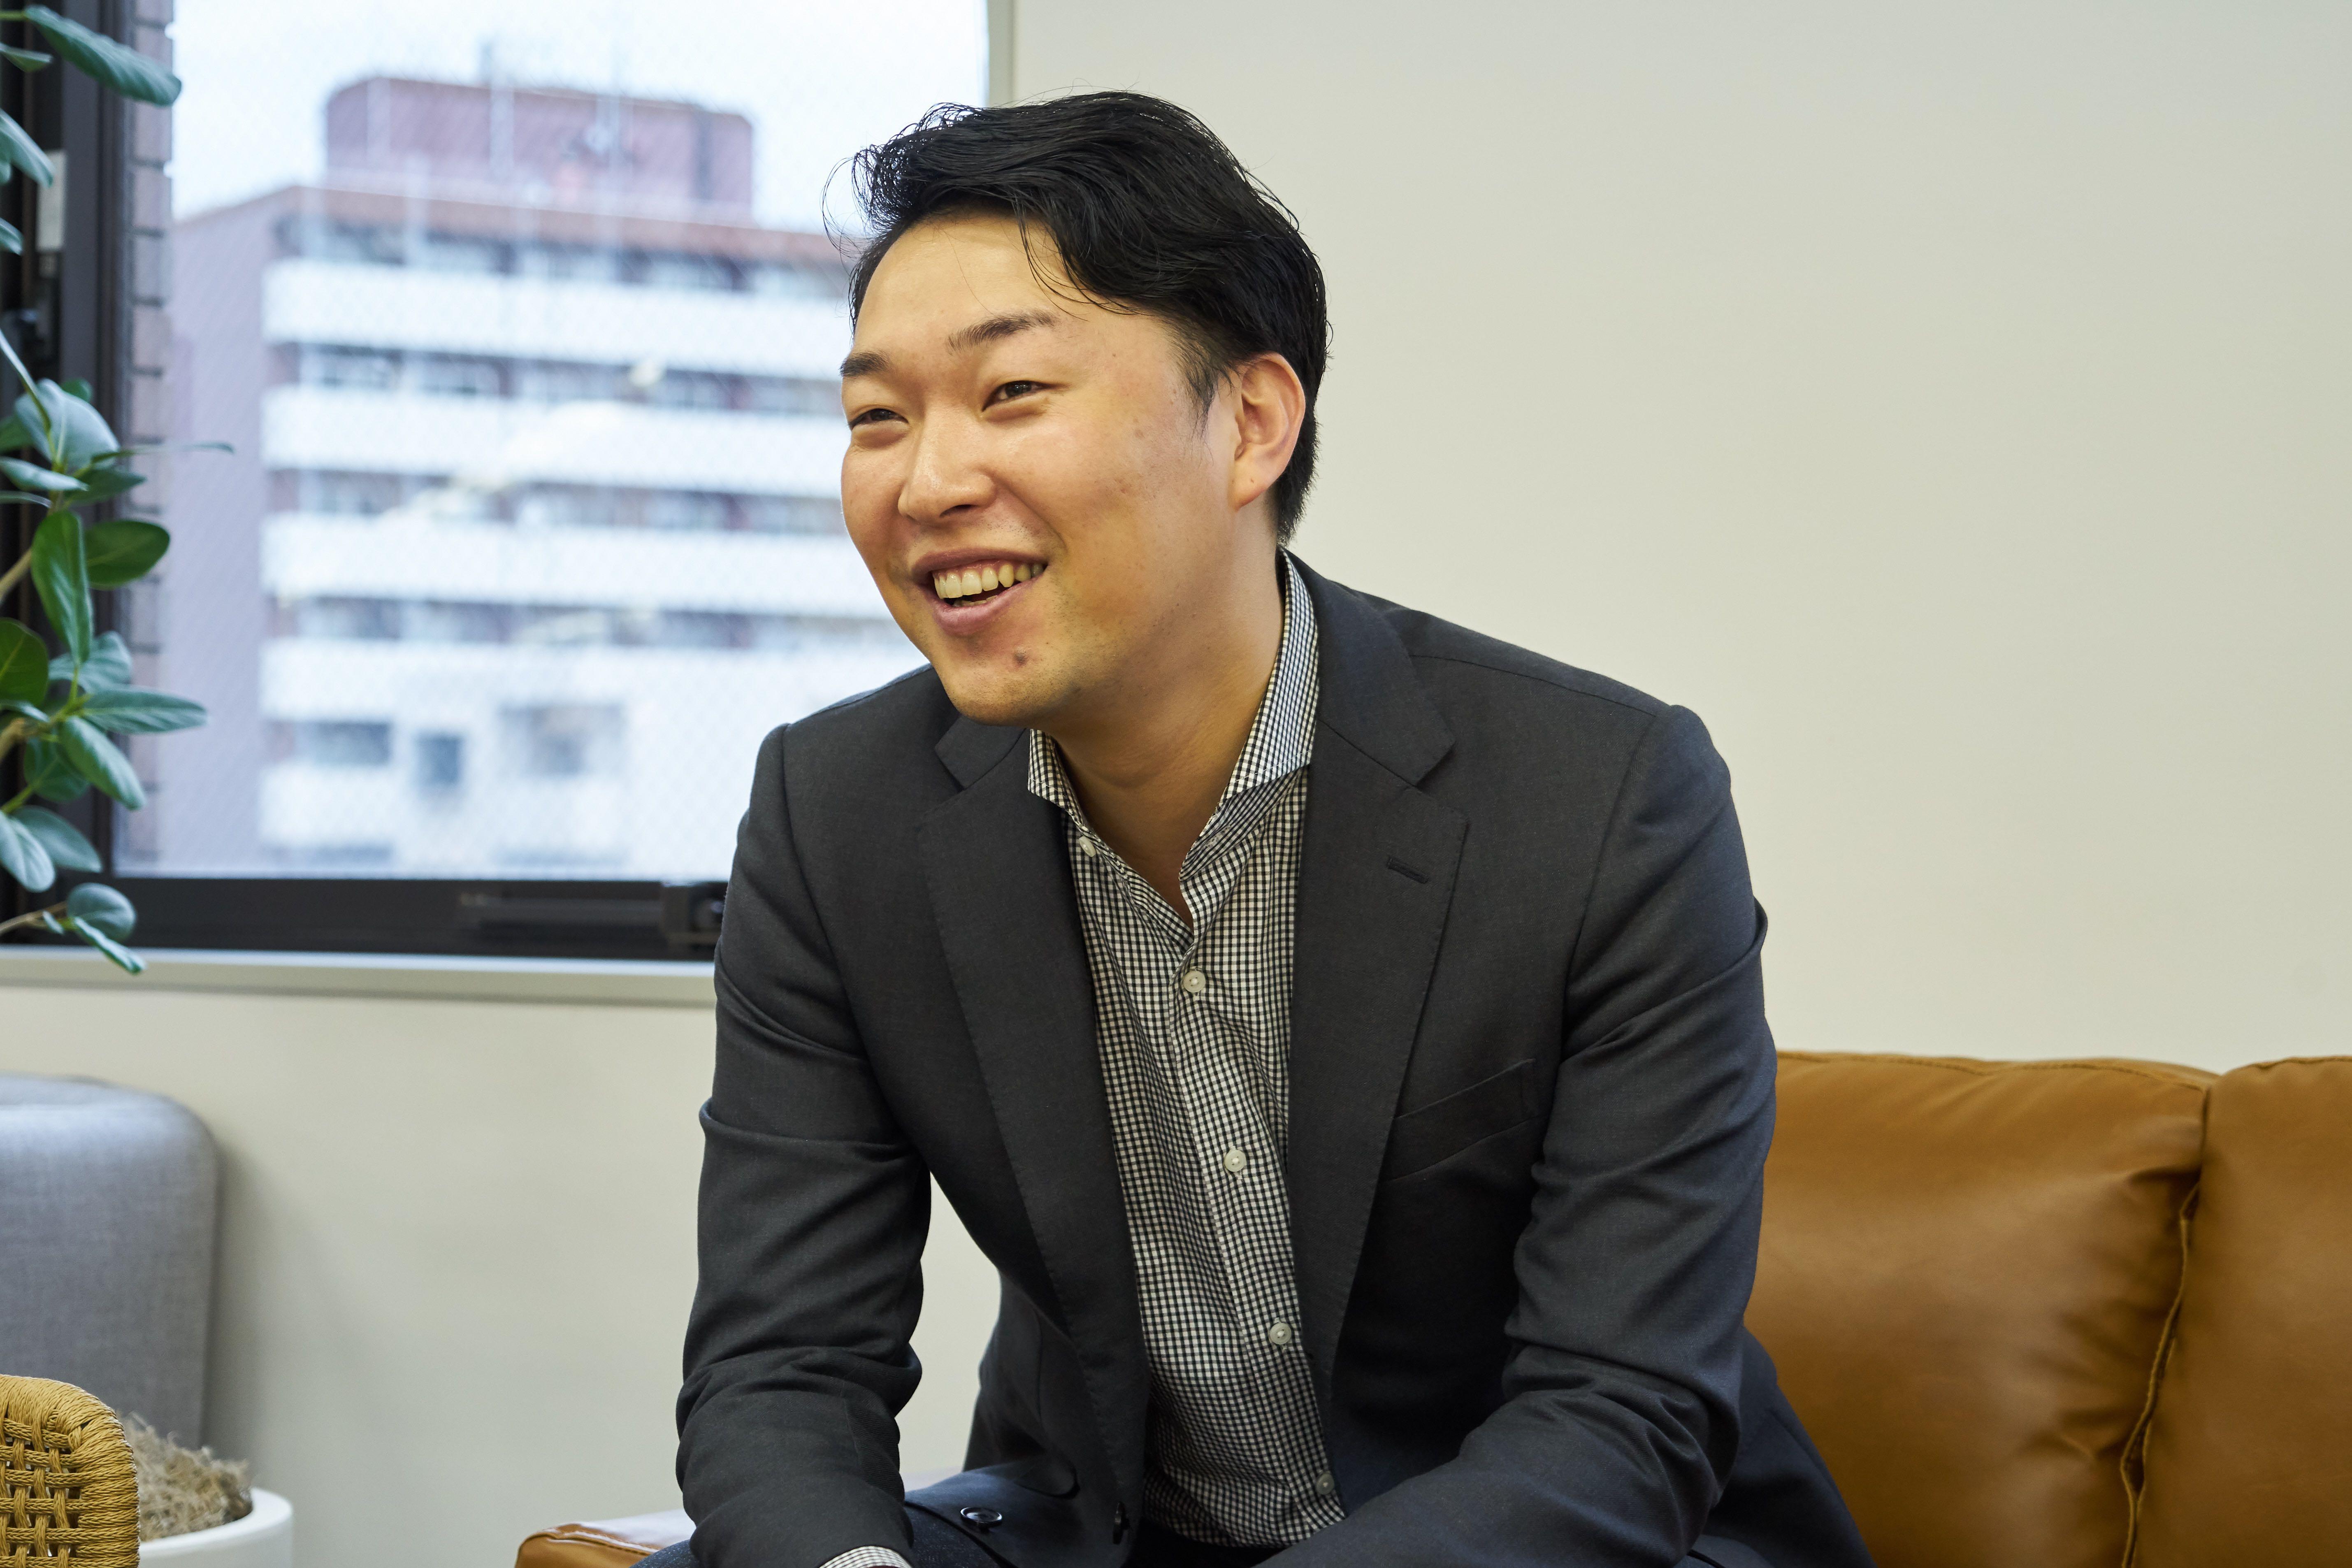 株式会社FABRIC TOKYO 森 雄一郎さんさん